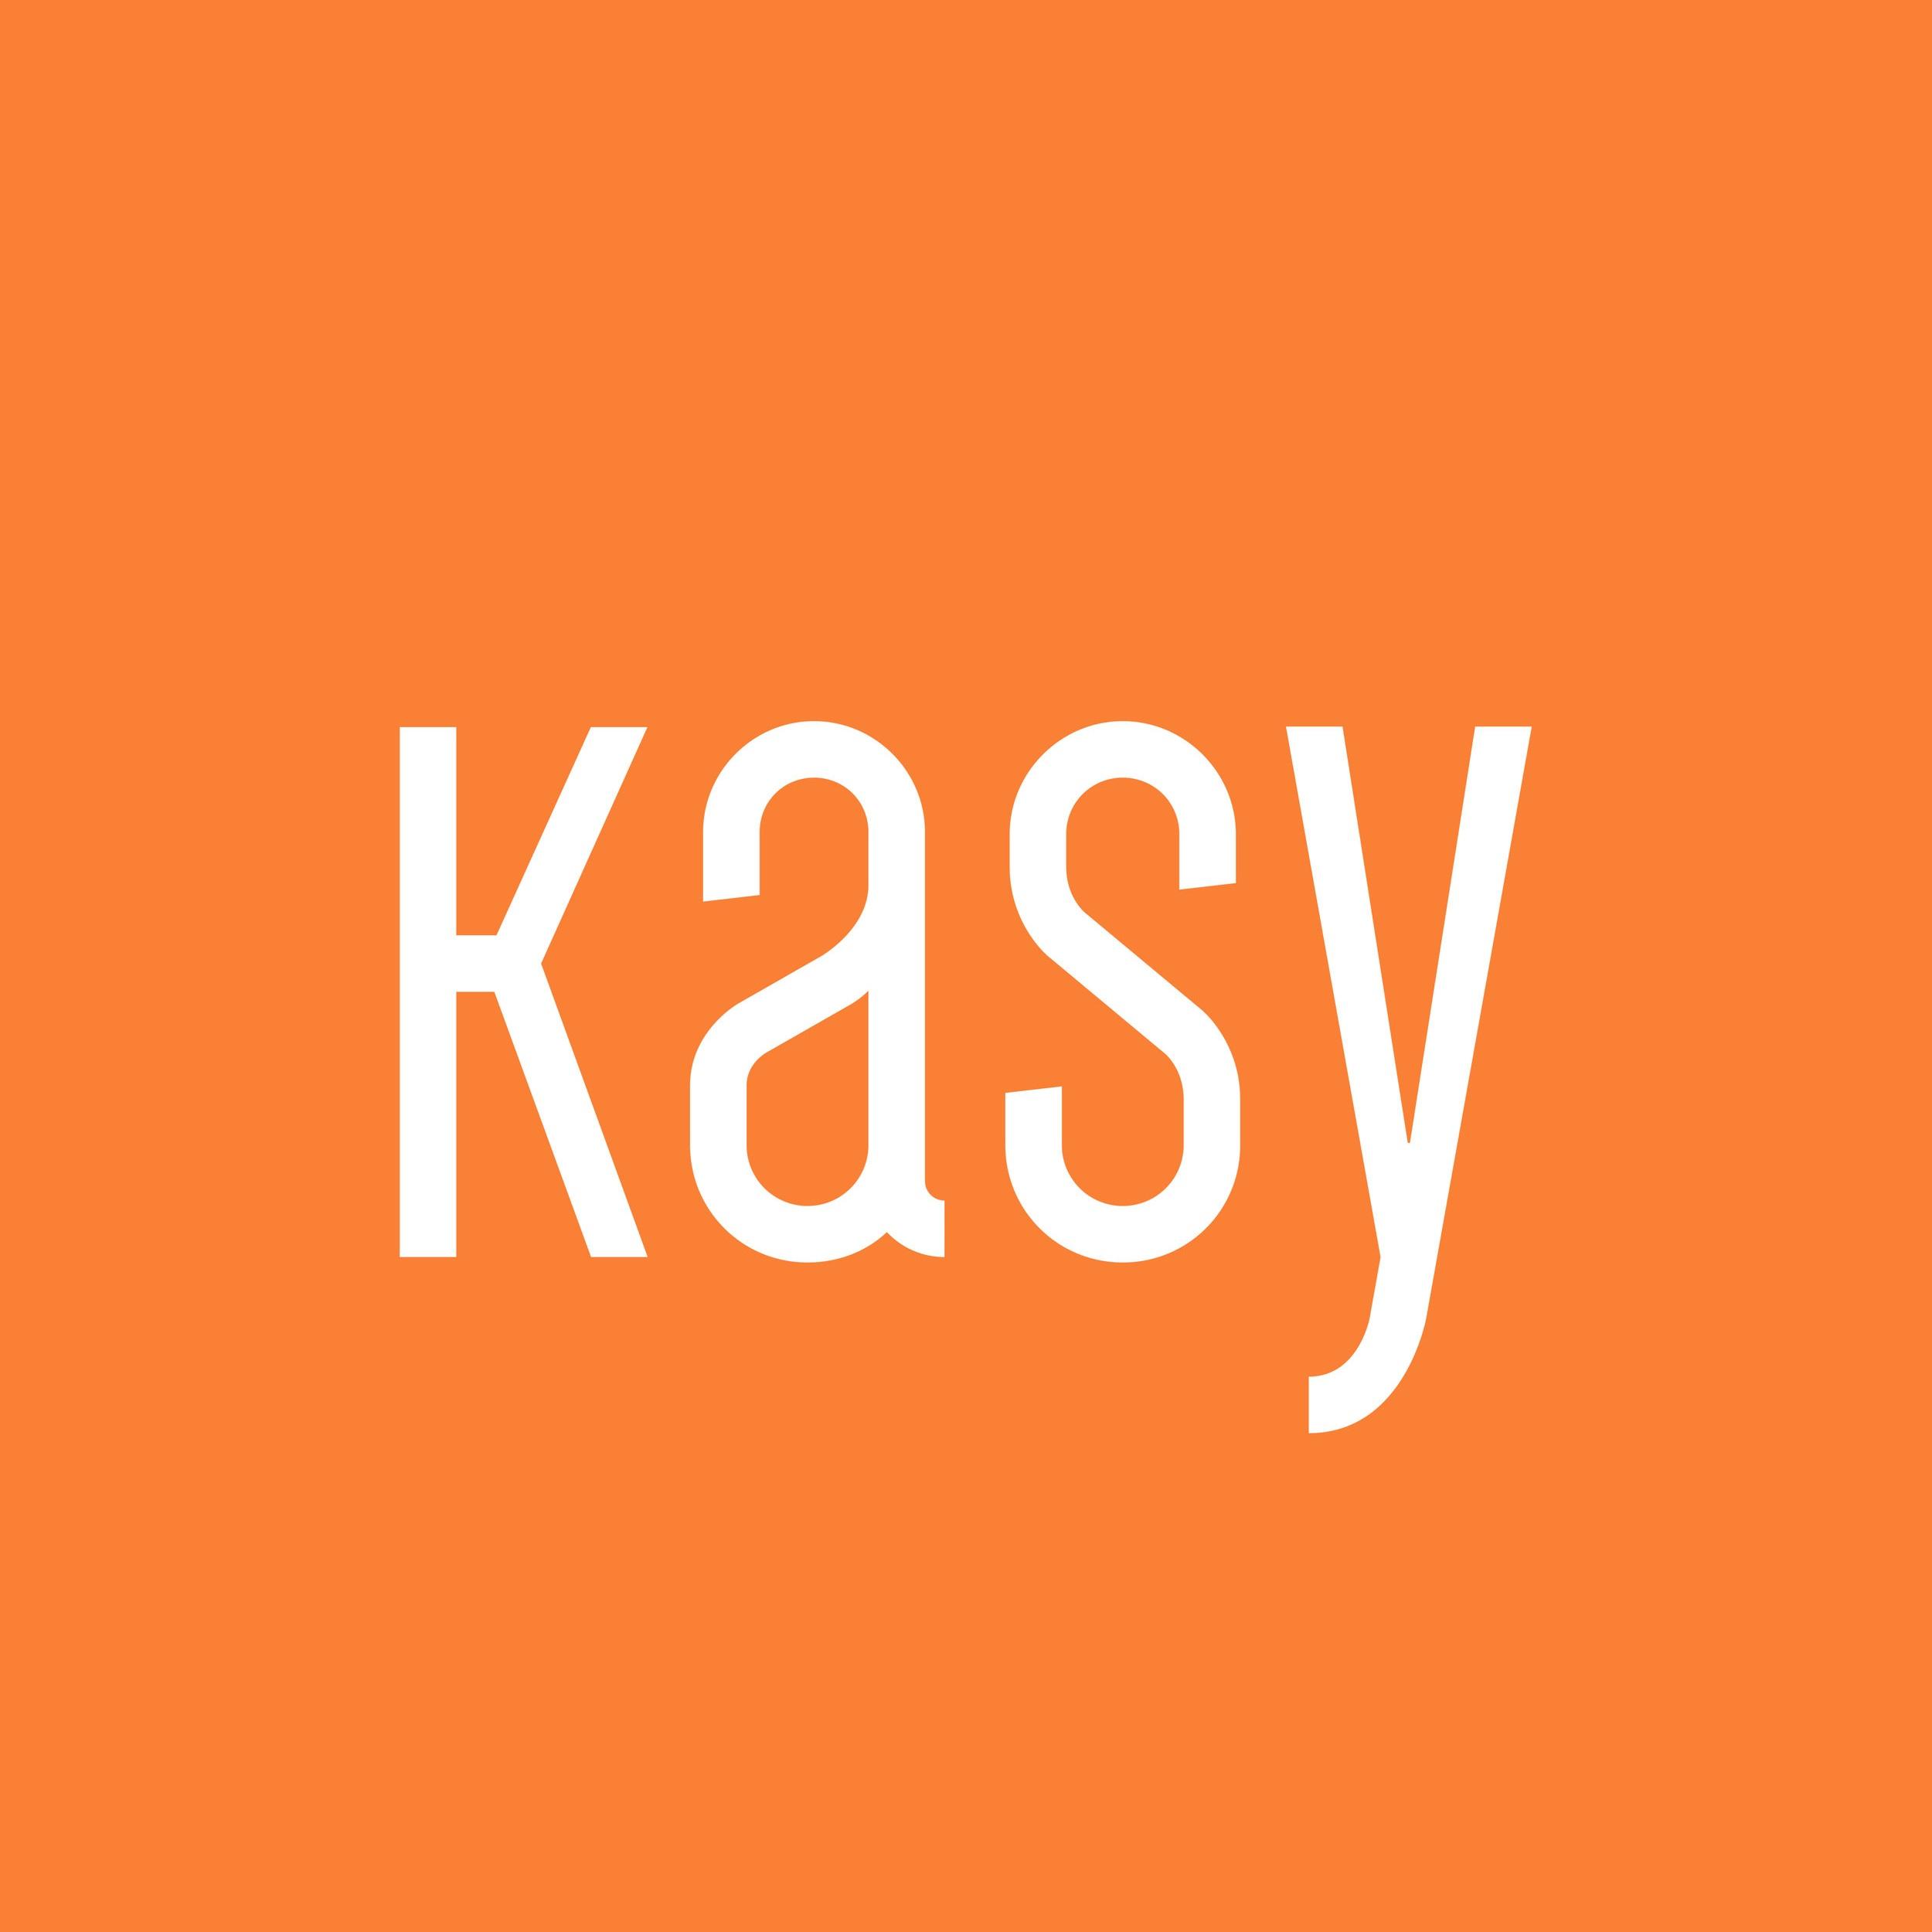 kasy+logo.jpg